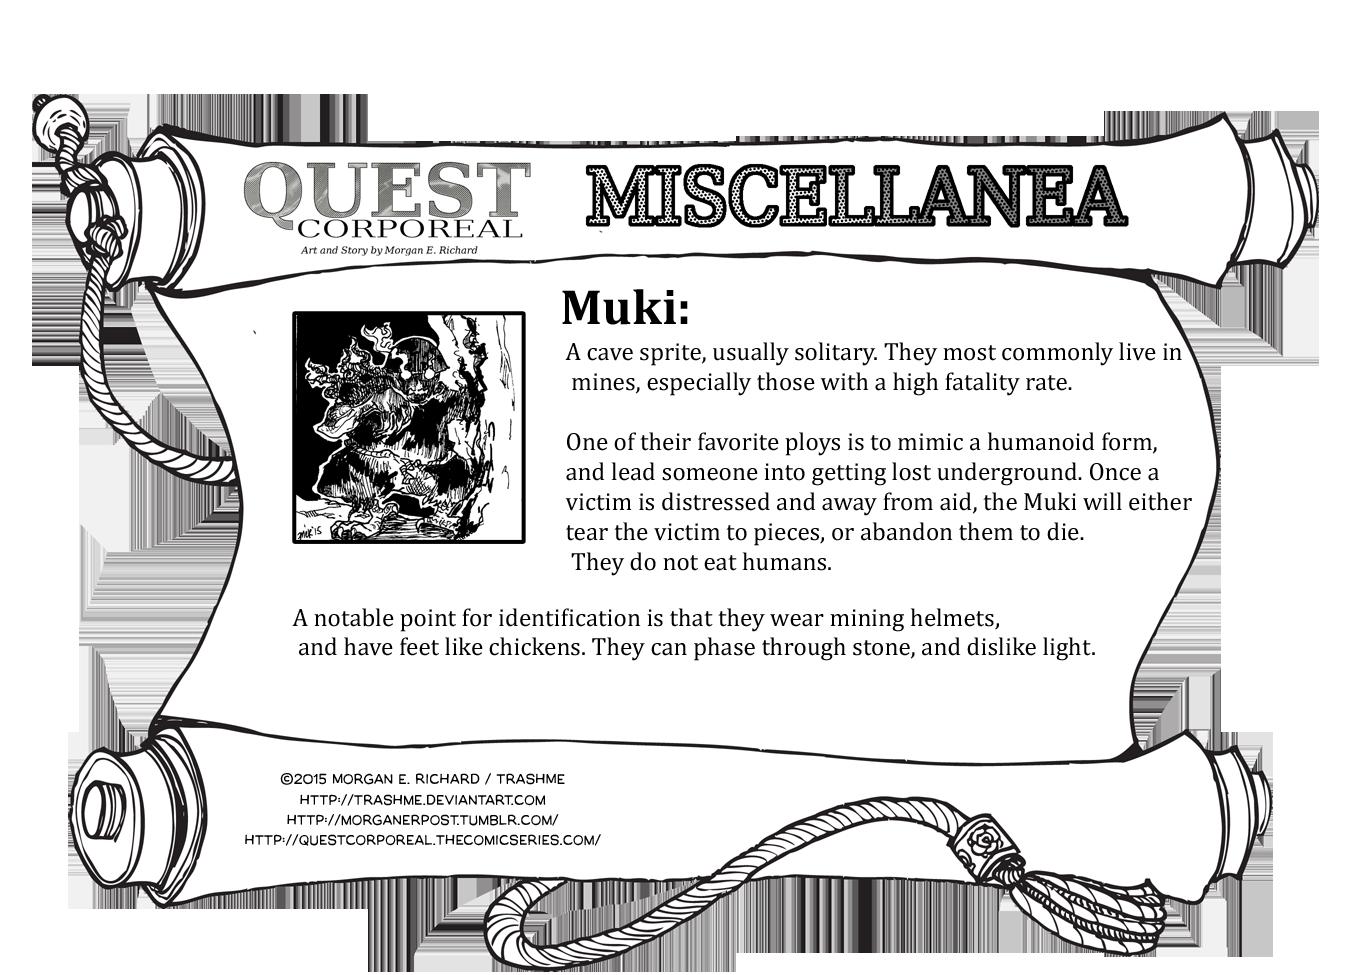 Miscellanea Corporeal: Muki